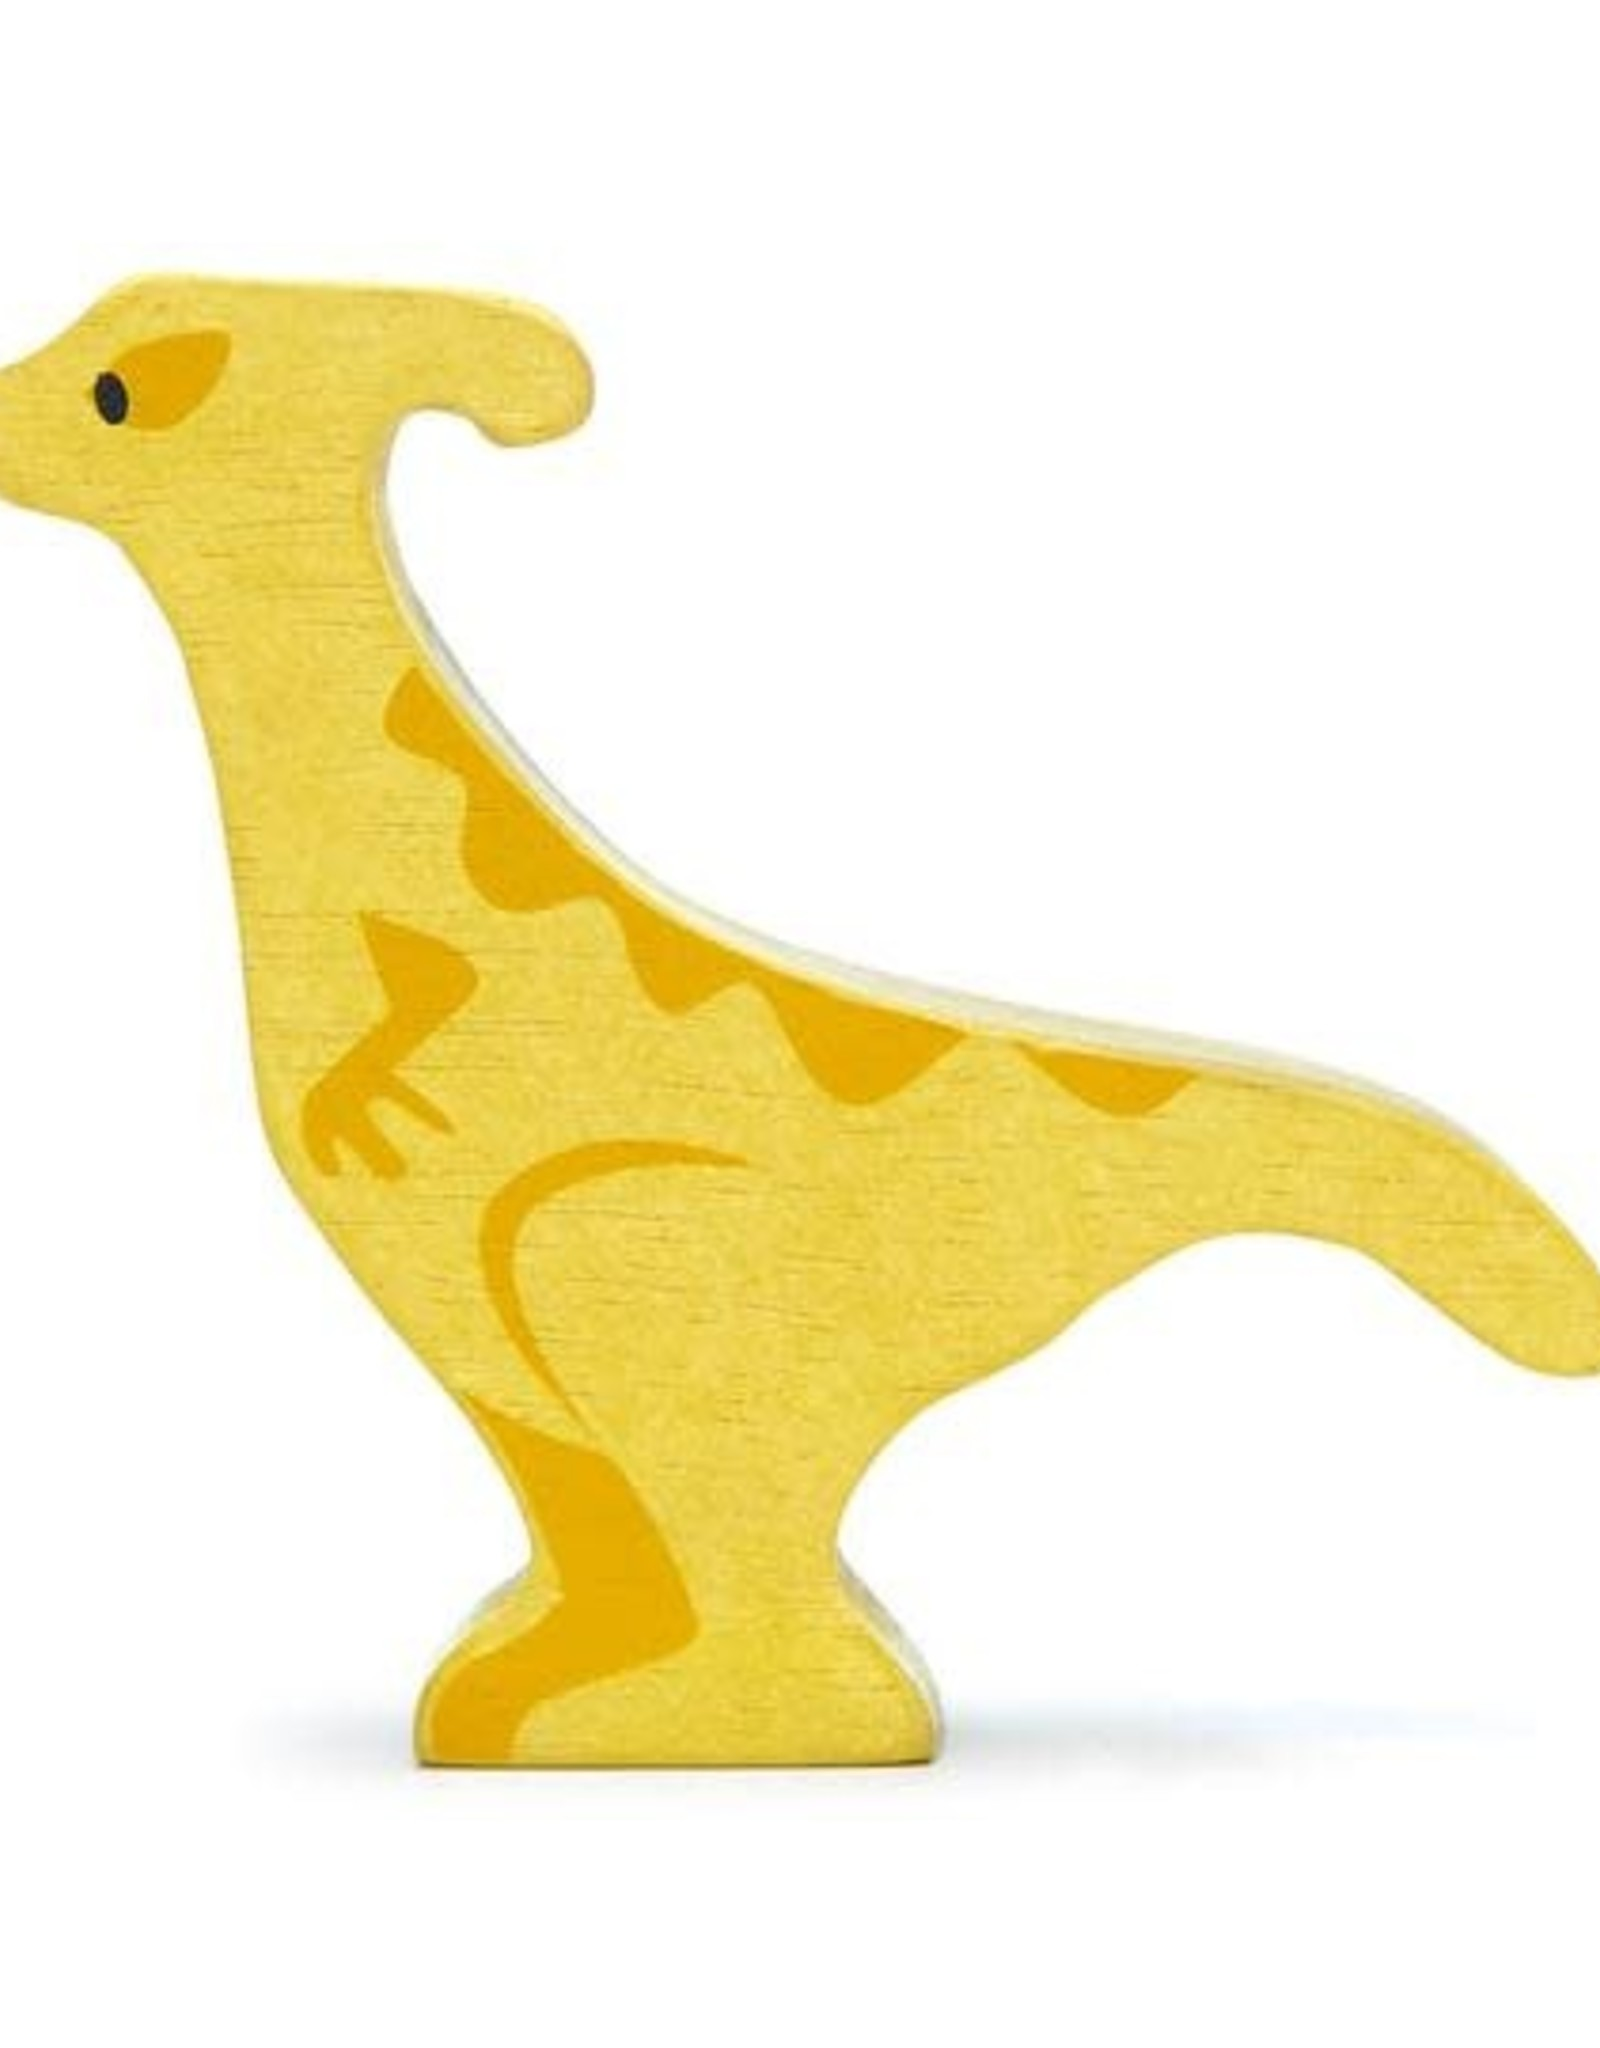 Tender Leaf Tender Leaf Toys Parasaurolophus